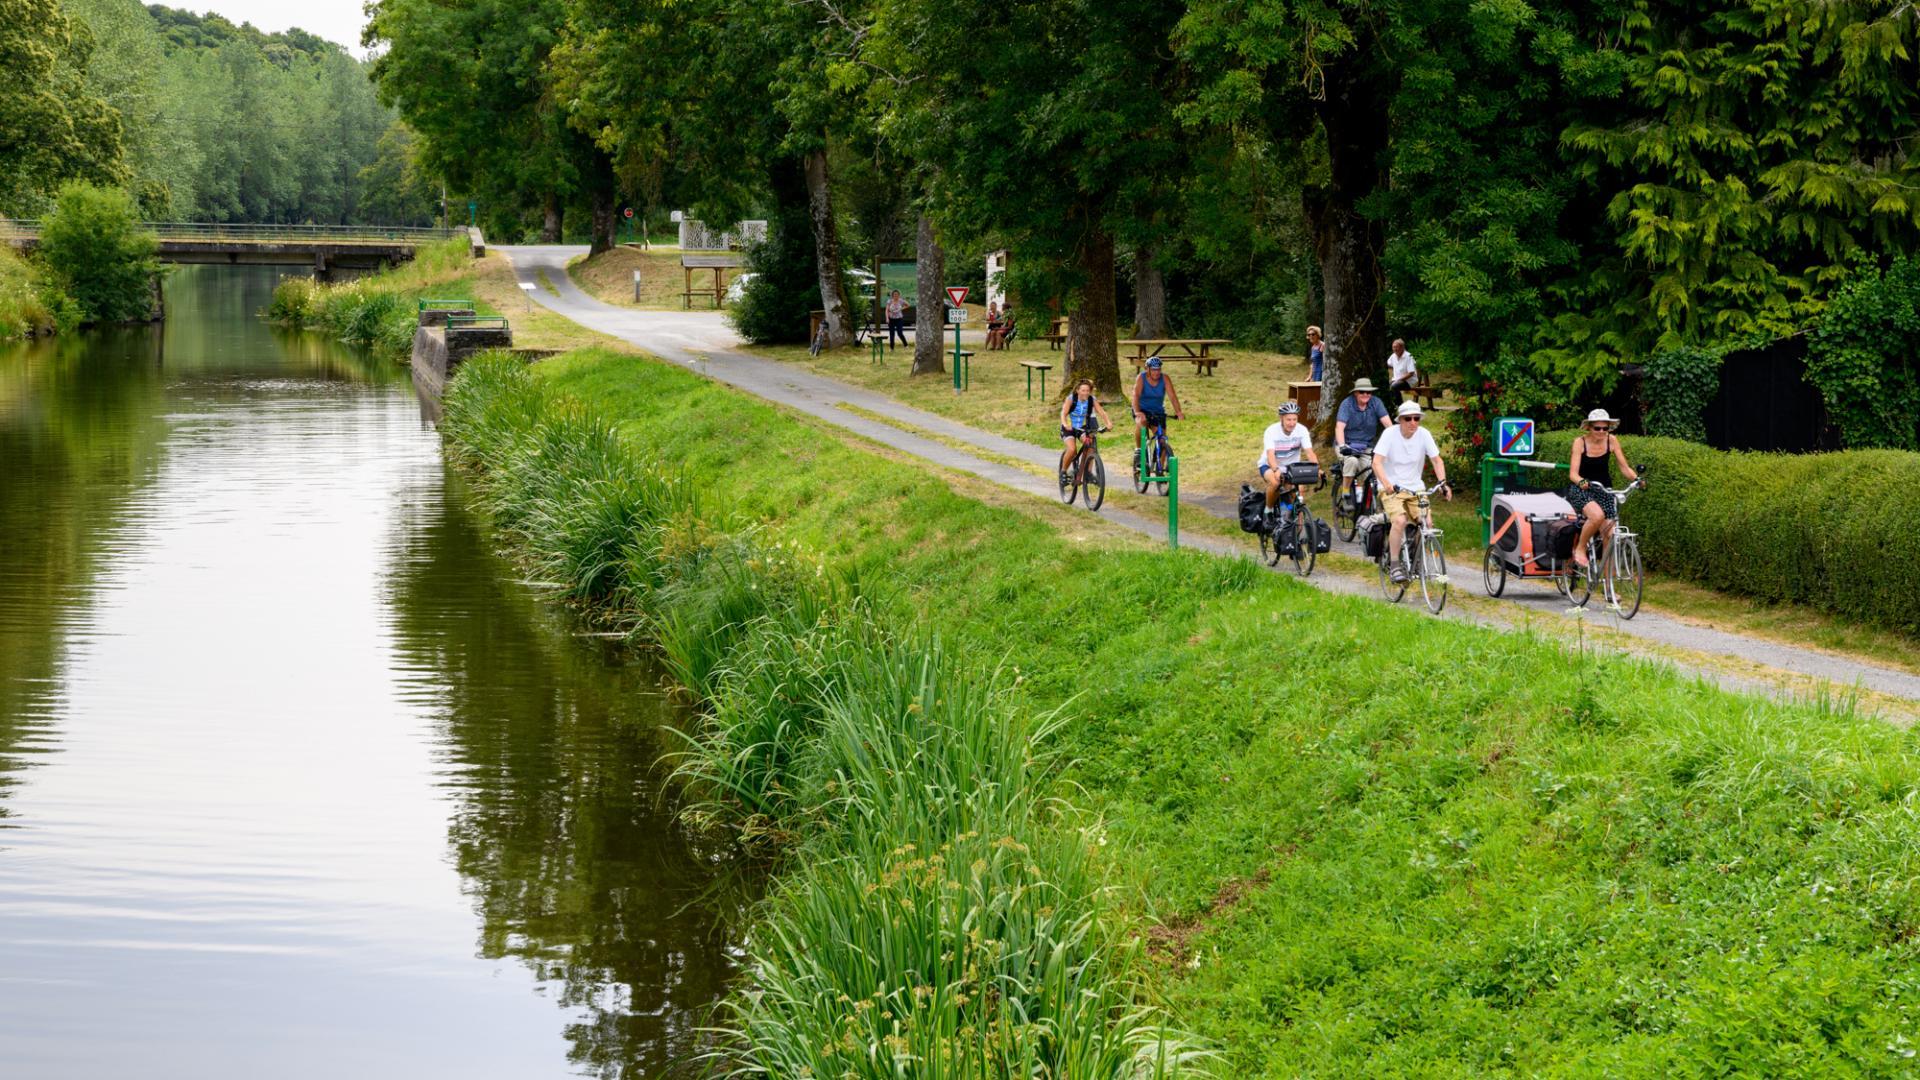 Cyclotouristes le long du Canal de Nantes à Brest. Port-de-Carhaix : jonction avec les Voies Vertes 6 et 7. La Vélodyssée